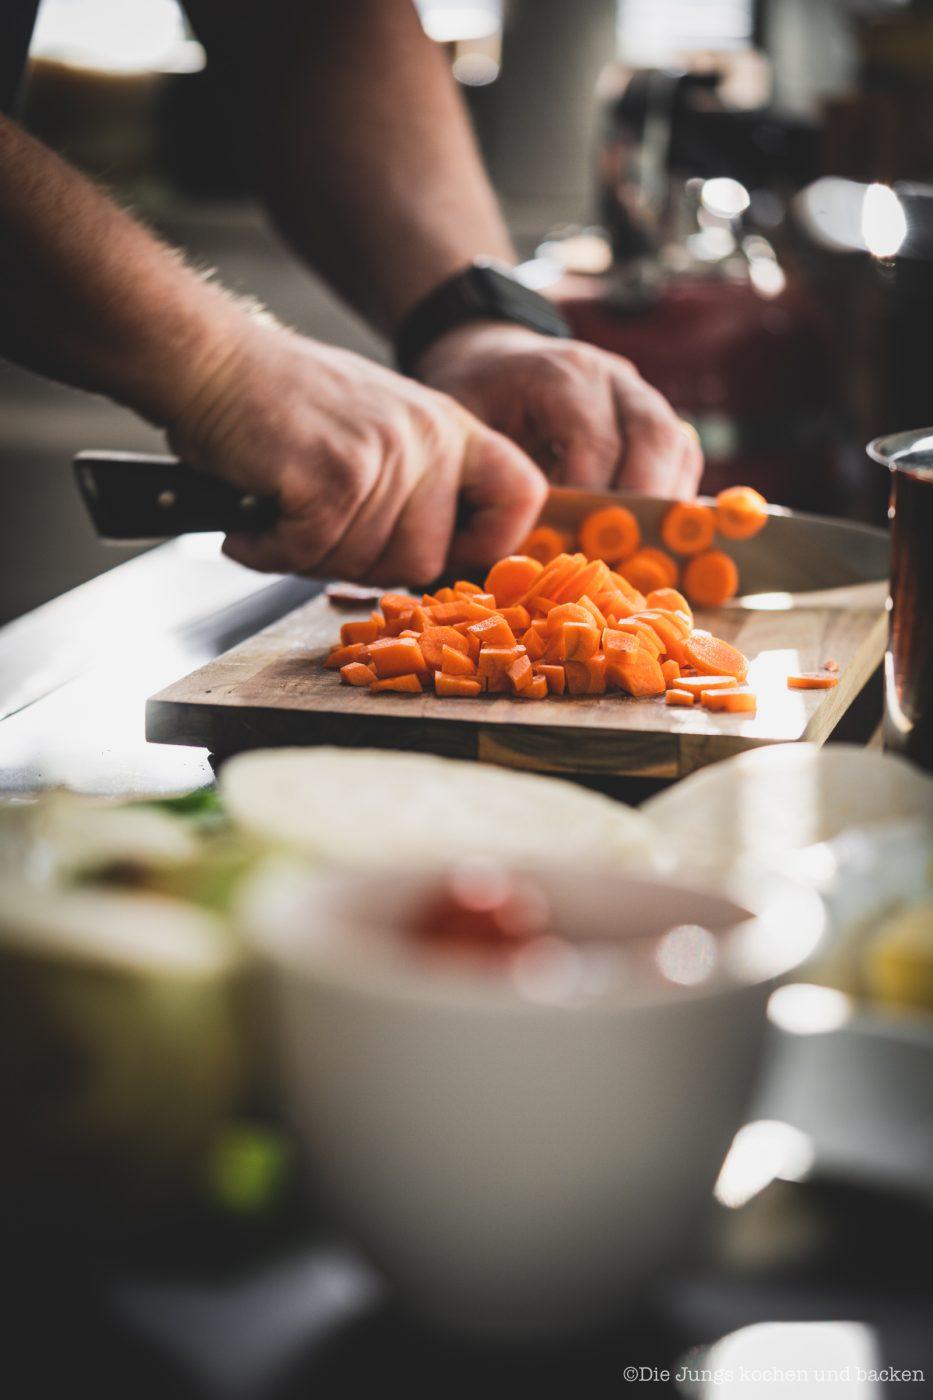 Italienische Minestrone Gemüsesuppe 3 | Wir haben uns, wie vermutlich die meisten von euch auch, vor ein paar Wochen mit so einigen Lebensmitteln eingedeckt, um schnell einmal etwas auf den Tisch zu bekommen. Da momentan die Kantine ja wegfällt und wir unser Mittagessen zu Hause zubereiten müssen, sind da auch viele frische Zutaten bei gewesen. Bei uns zumindest. Aber die müssen ja auch verbraucht werden. Und da wir bisher noch keine Minestrone gekocht haben, war das ein gesetztes Mittagessen.